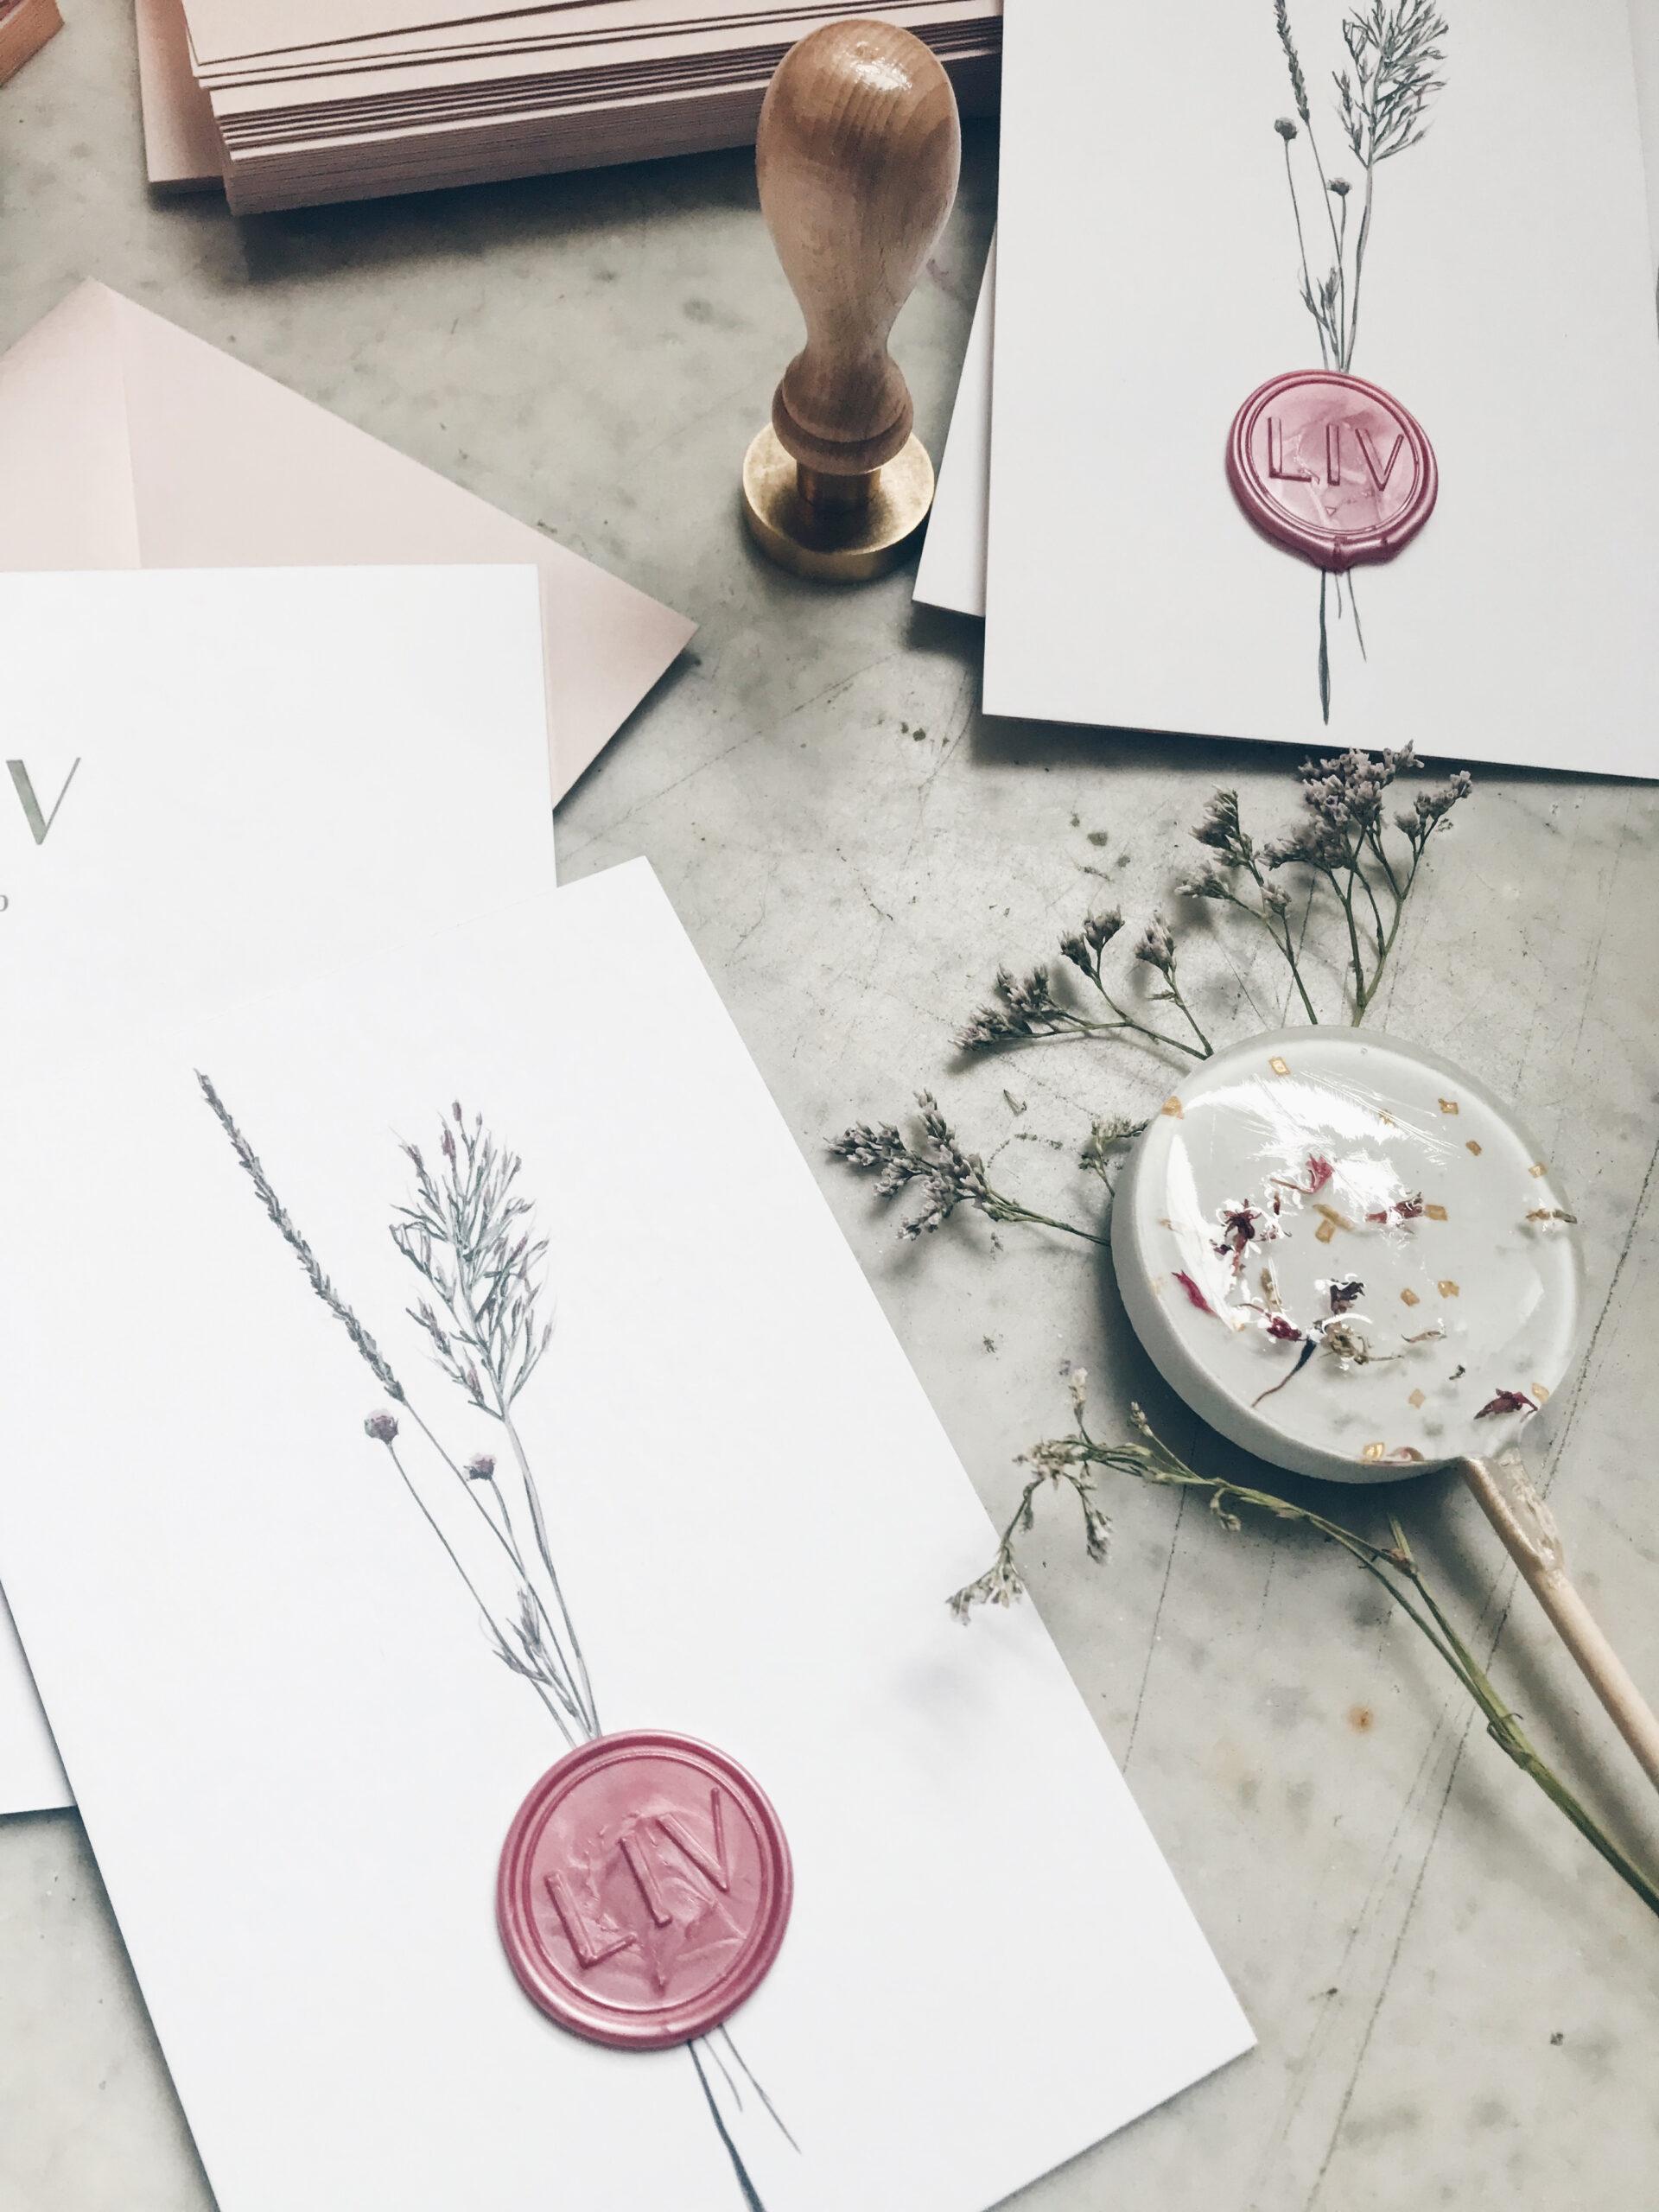 Geboortekaartje met lakzegel en droogbloemen, studio mustique, studio blanche, lolly met bloemen, ronde zegel, letterpress folie op snee